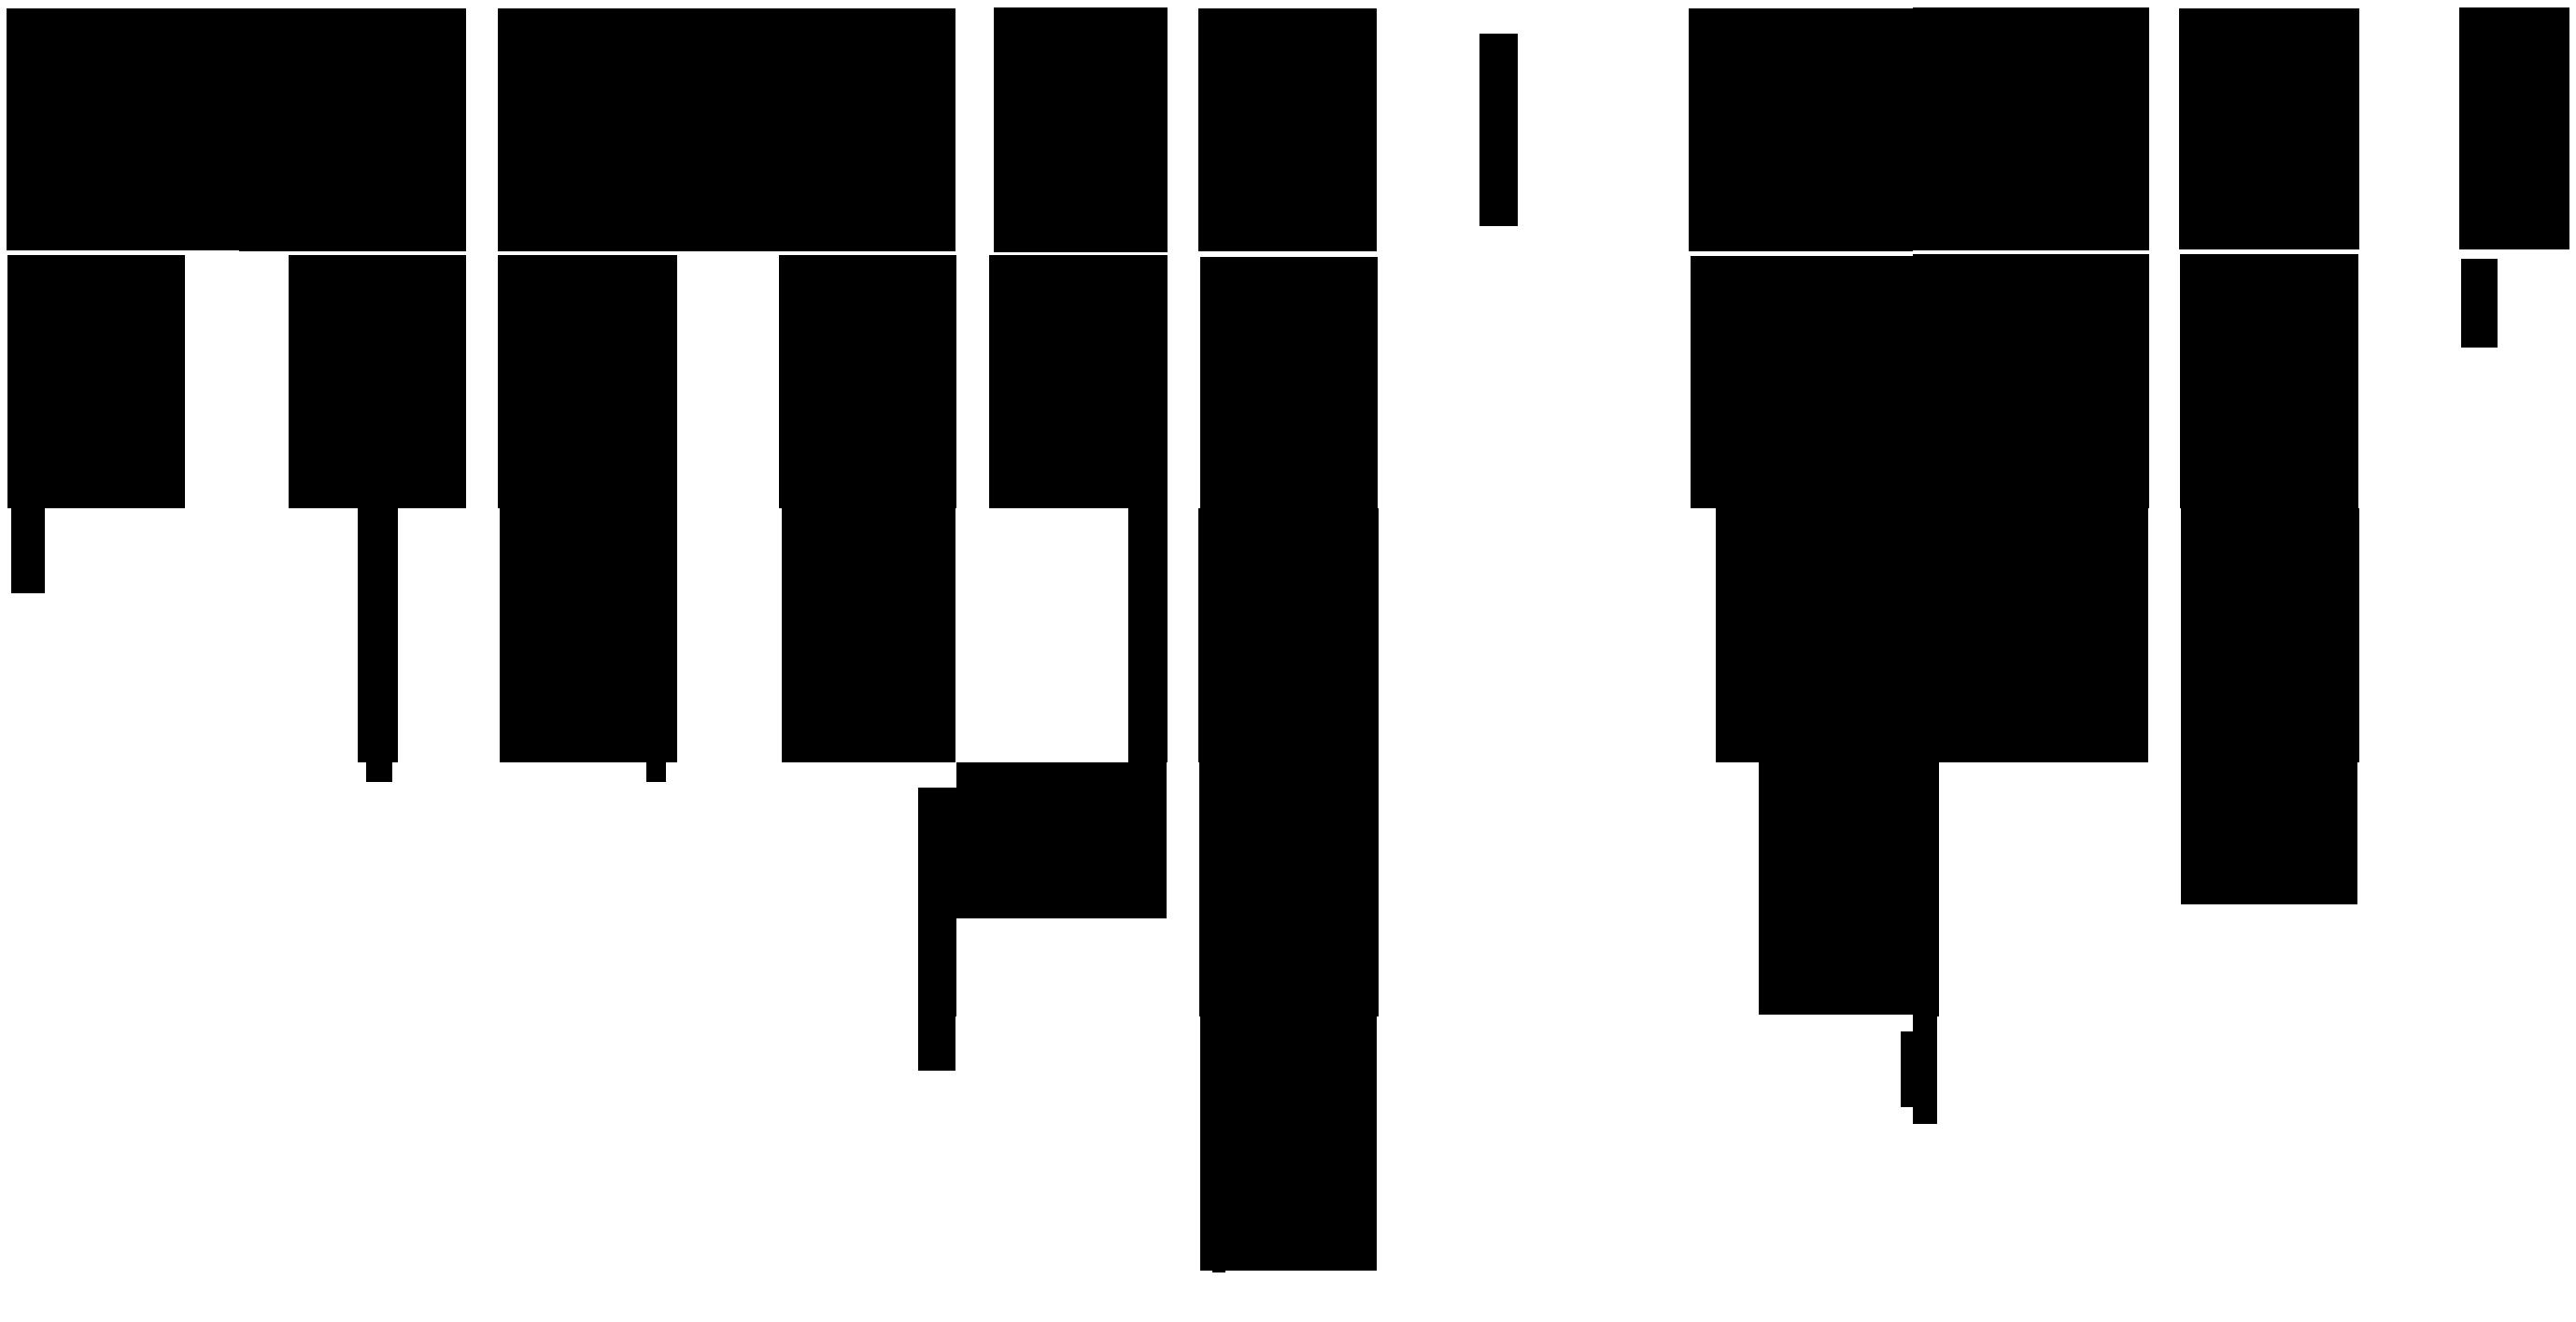 鈴木詩130830-2